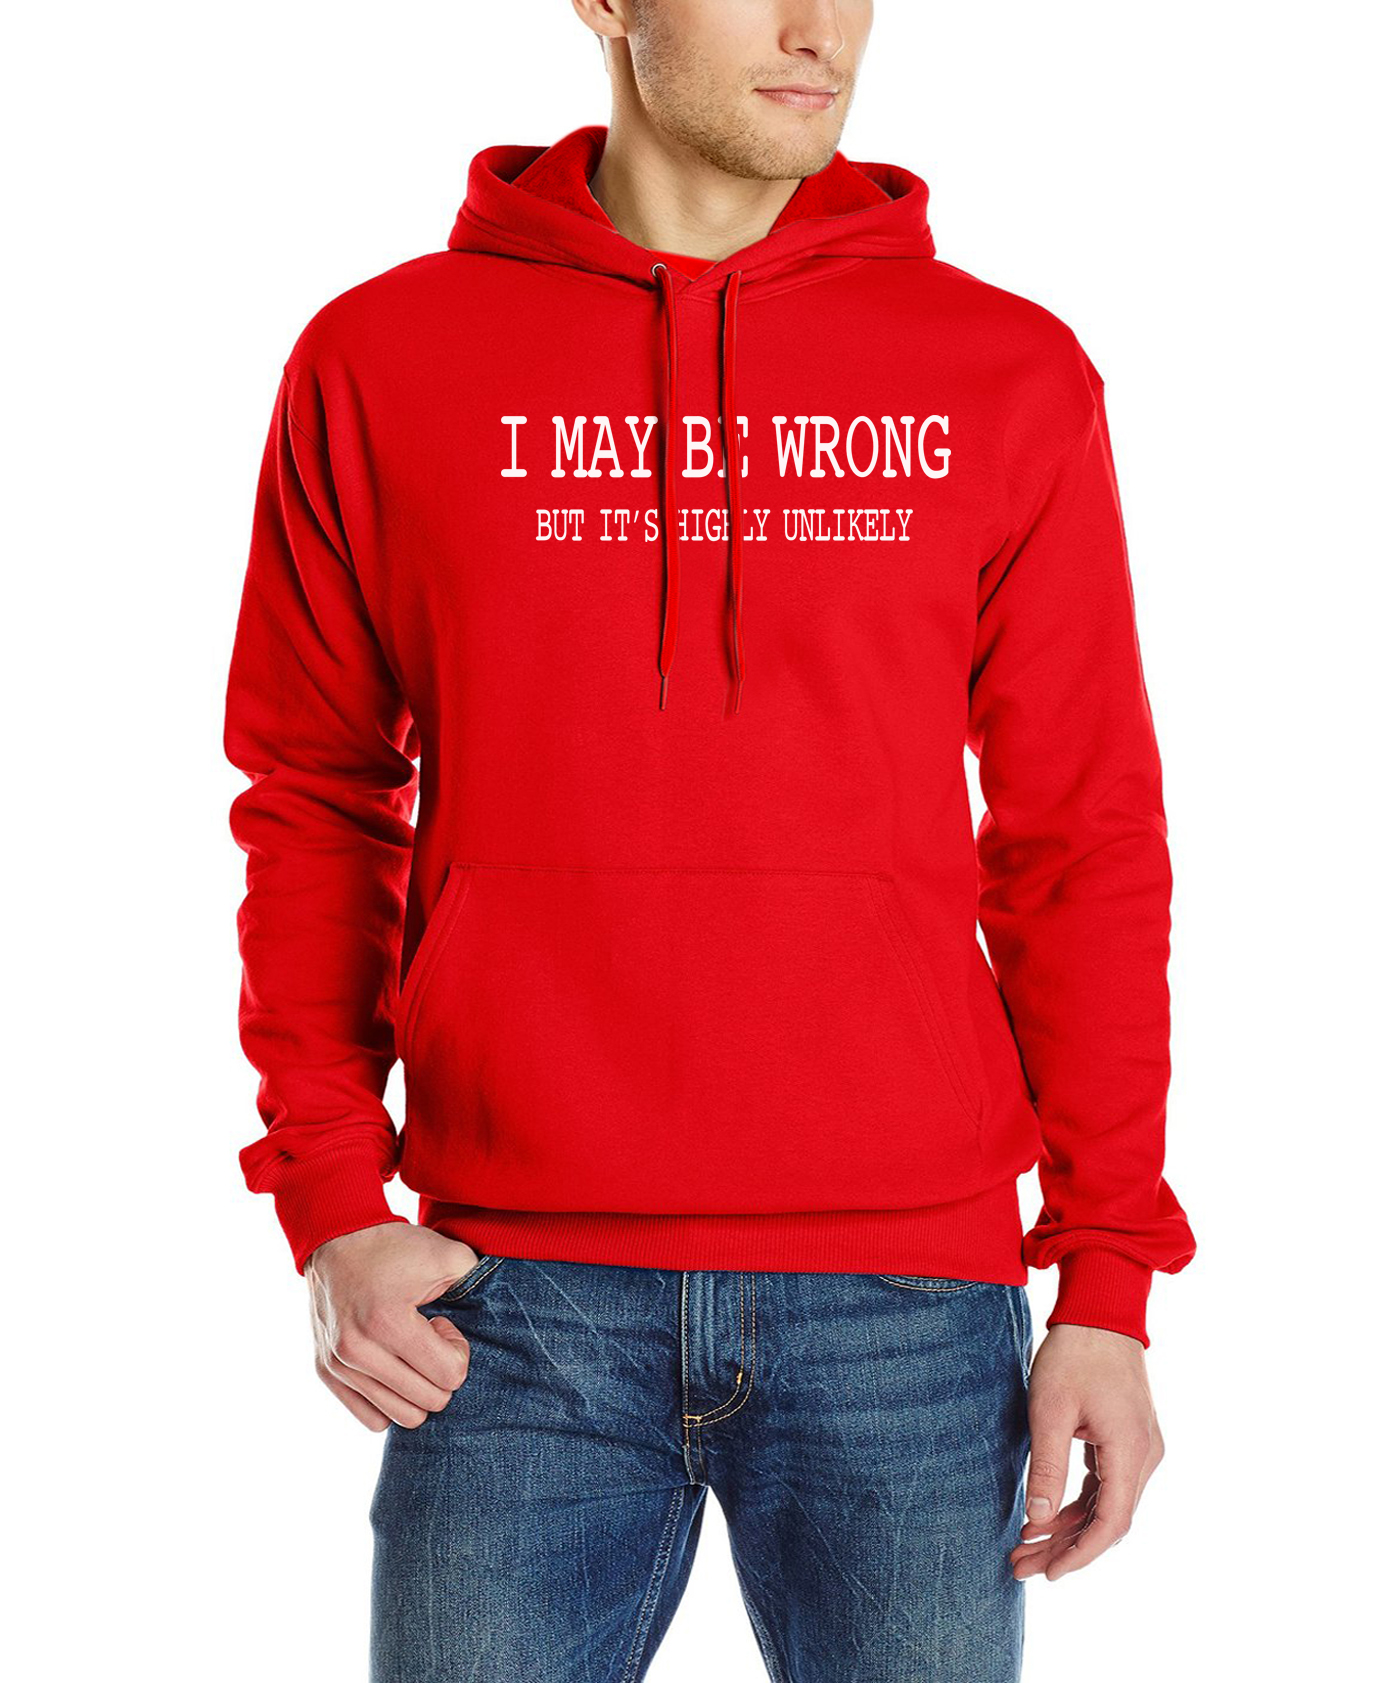 d2670664d رجل مضحك أقوال الشعارات مقنعين قد أكون خاطئ البلوز 2019 الخريف الشتاء قميص  قطني بكم طويل العلامة التجارية ملابس رياضية الرجال